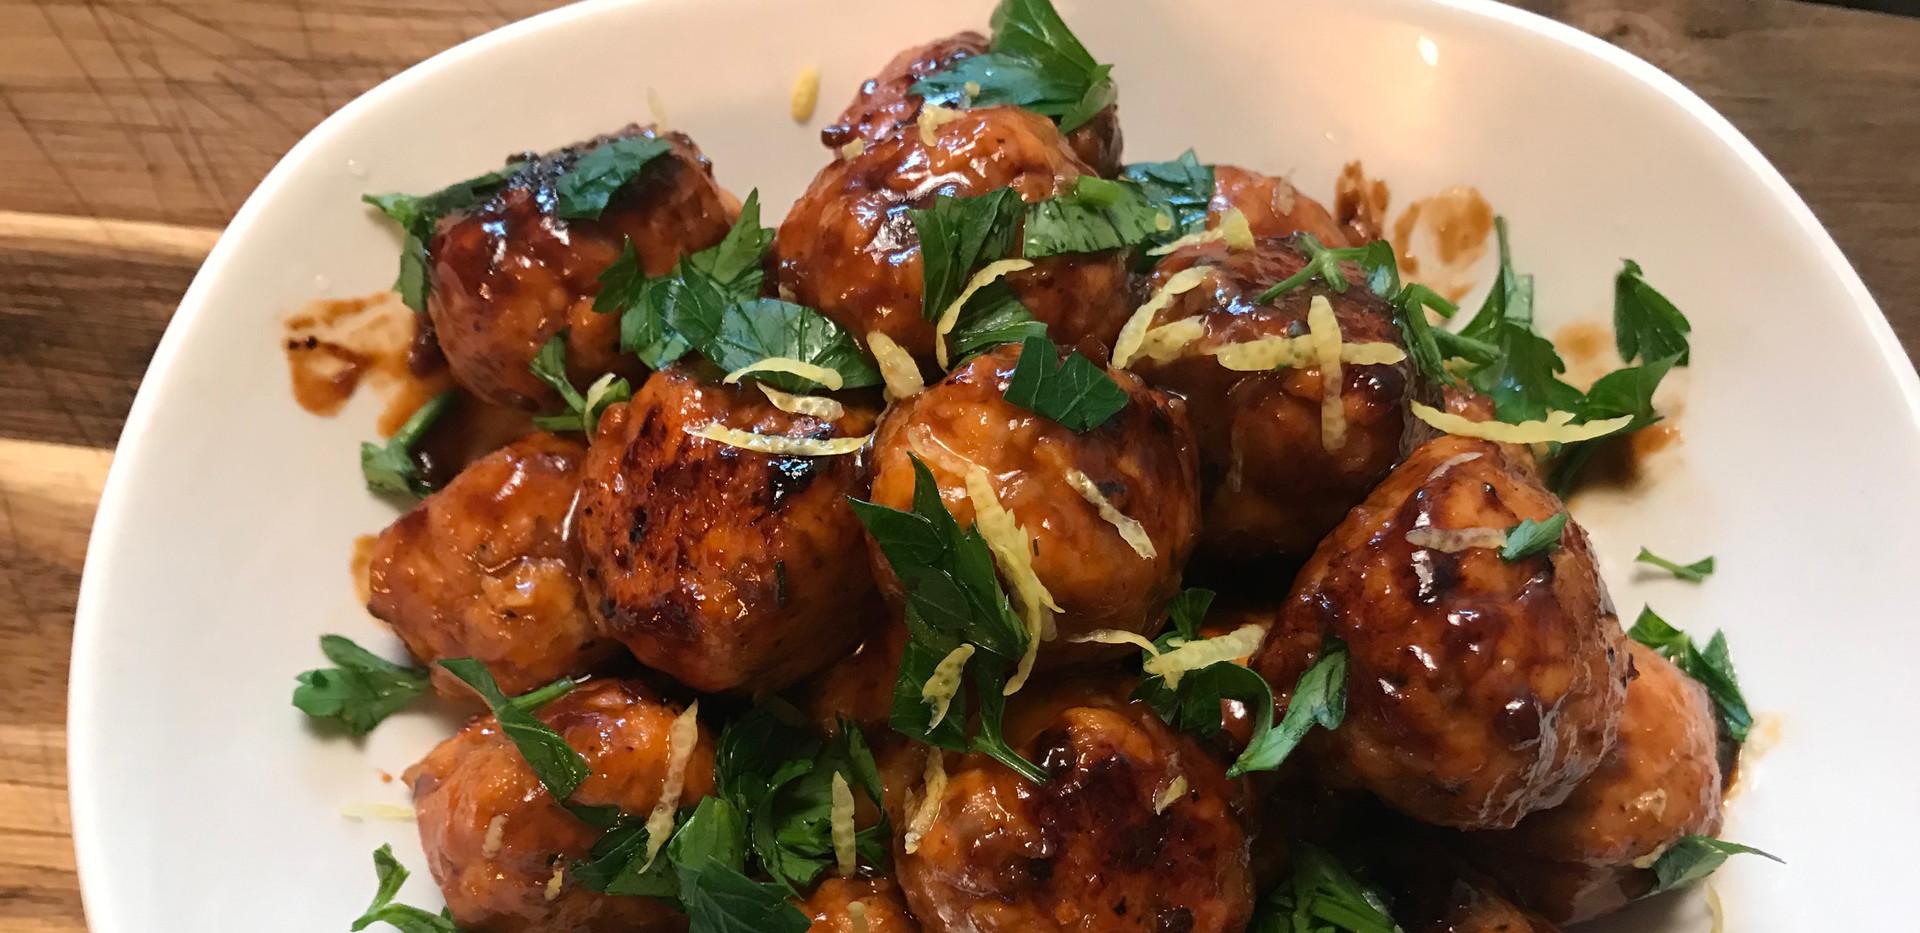 Teriyaki Glazed Salmon Meatball